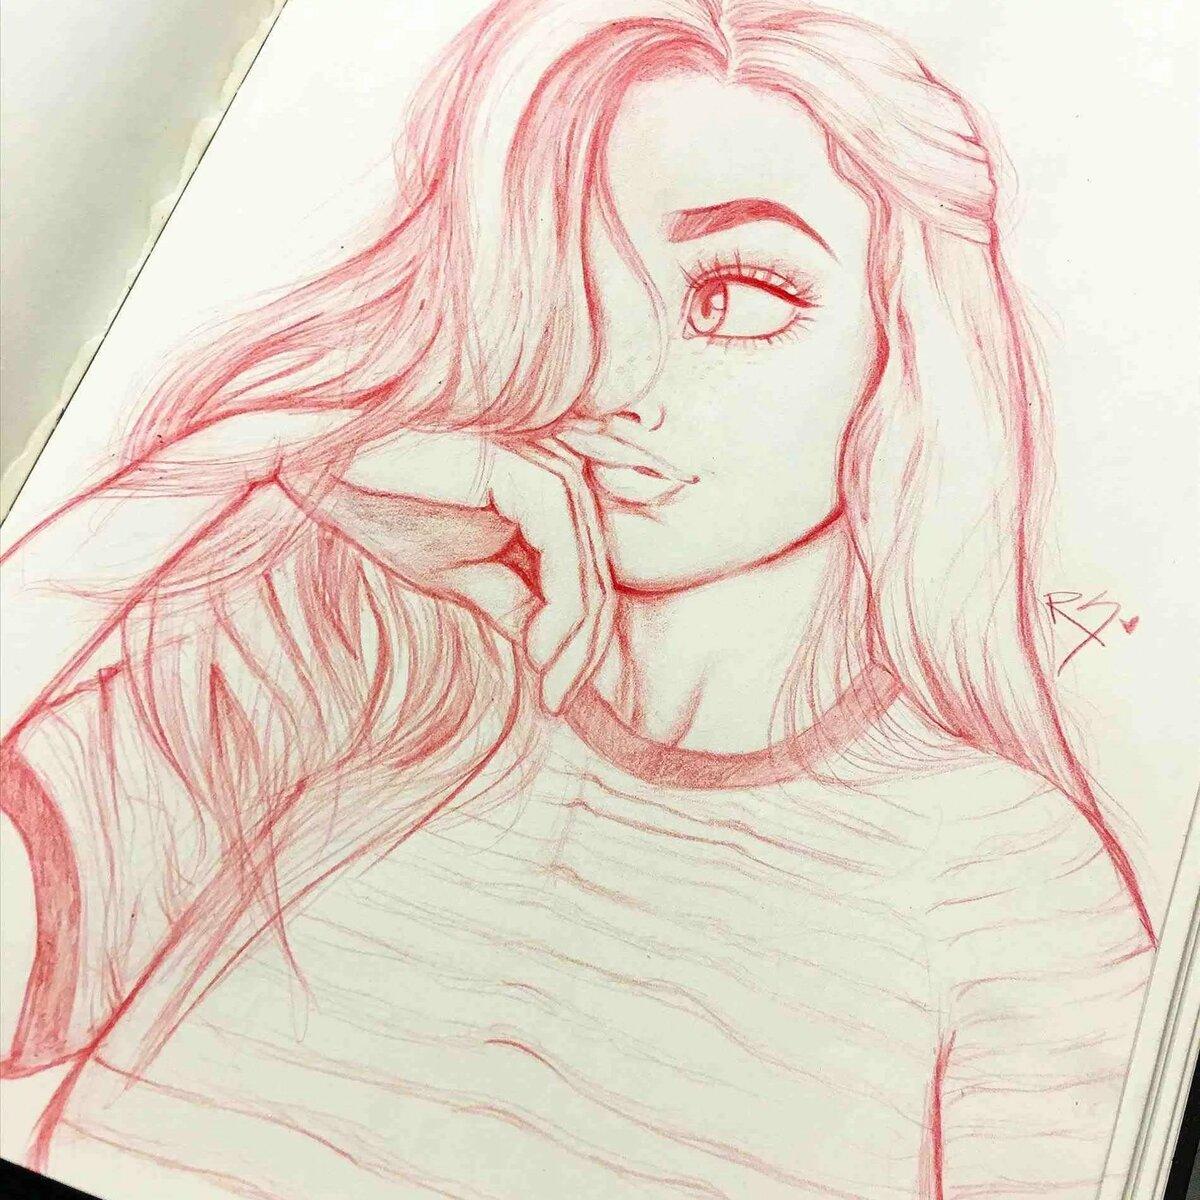 Красивые картинки рисунки для срисовки карандашом девушки